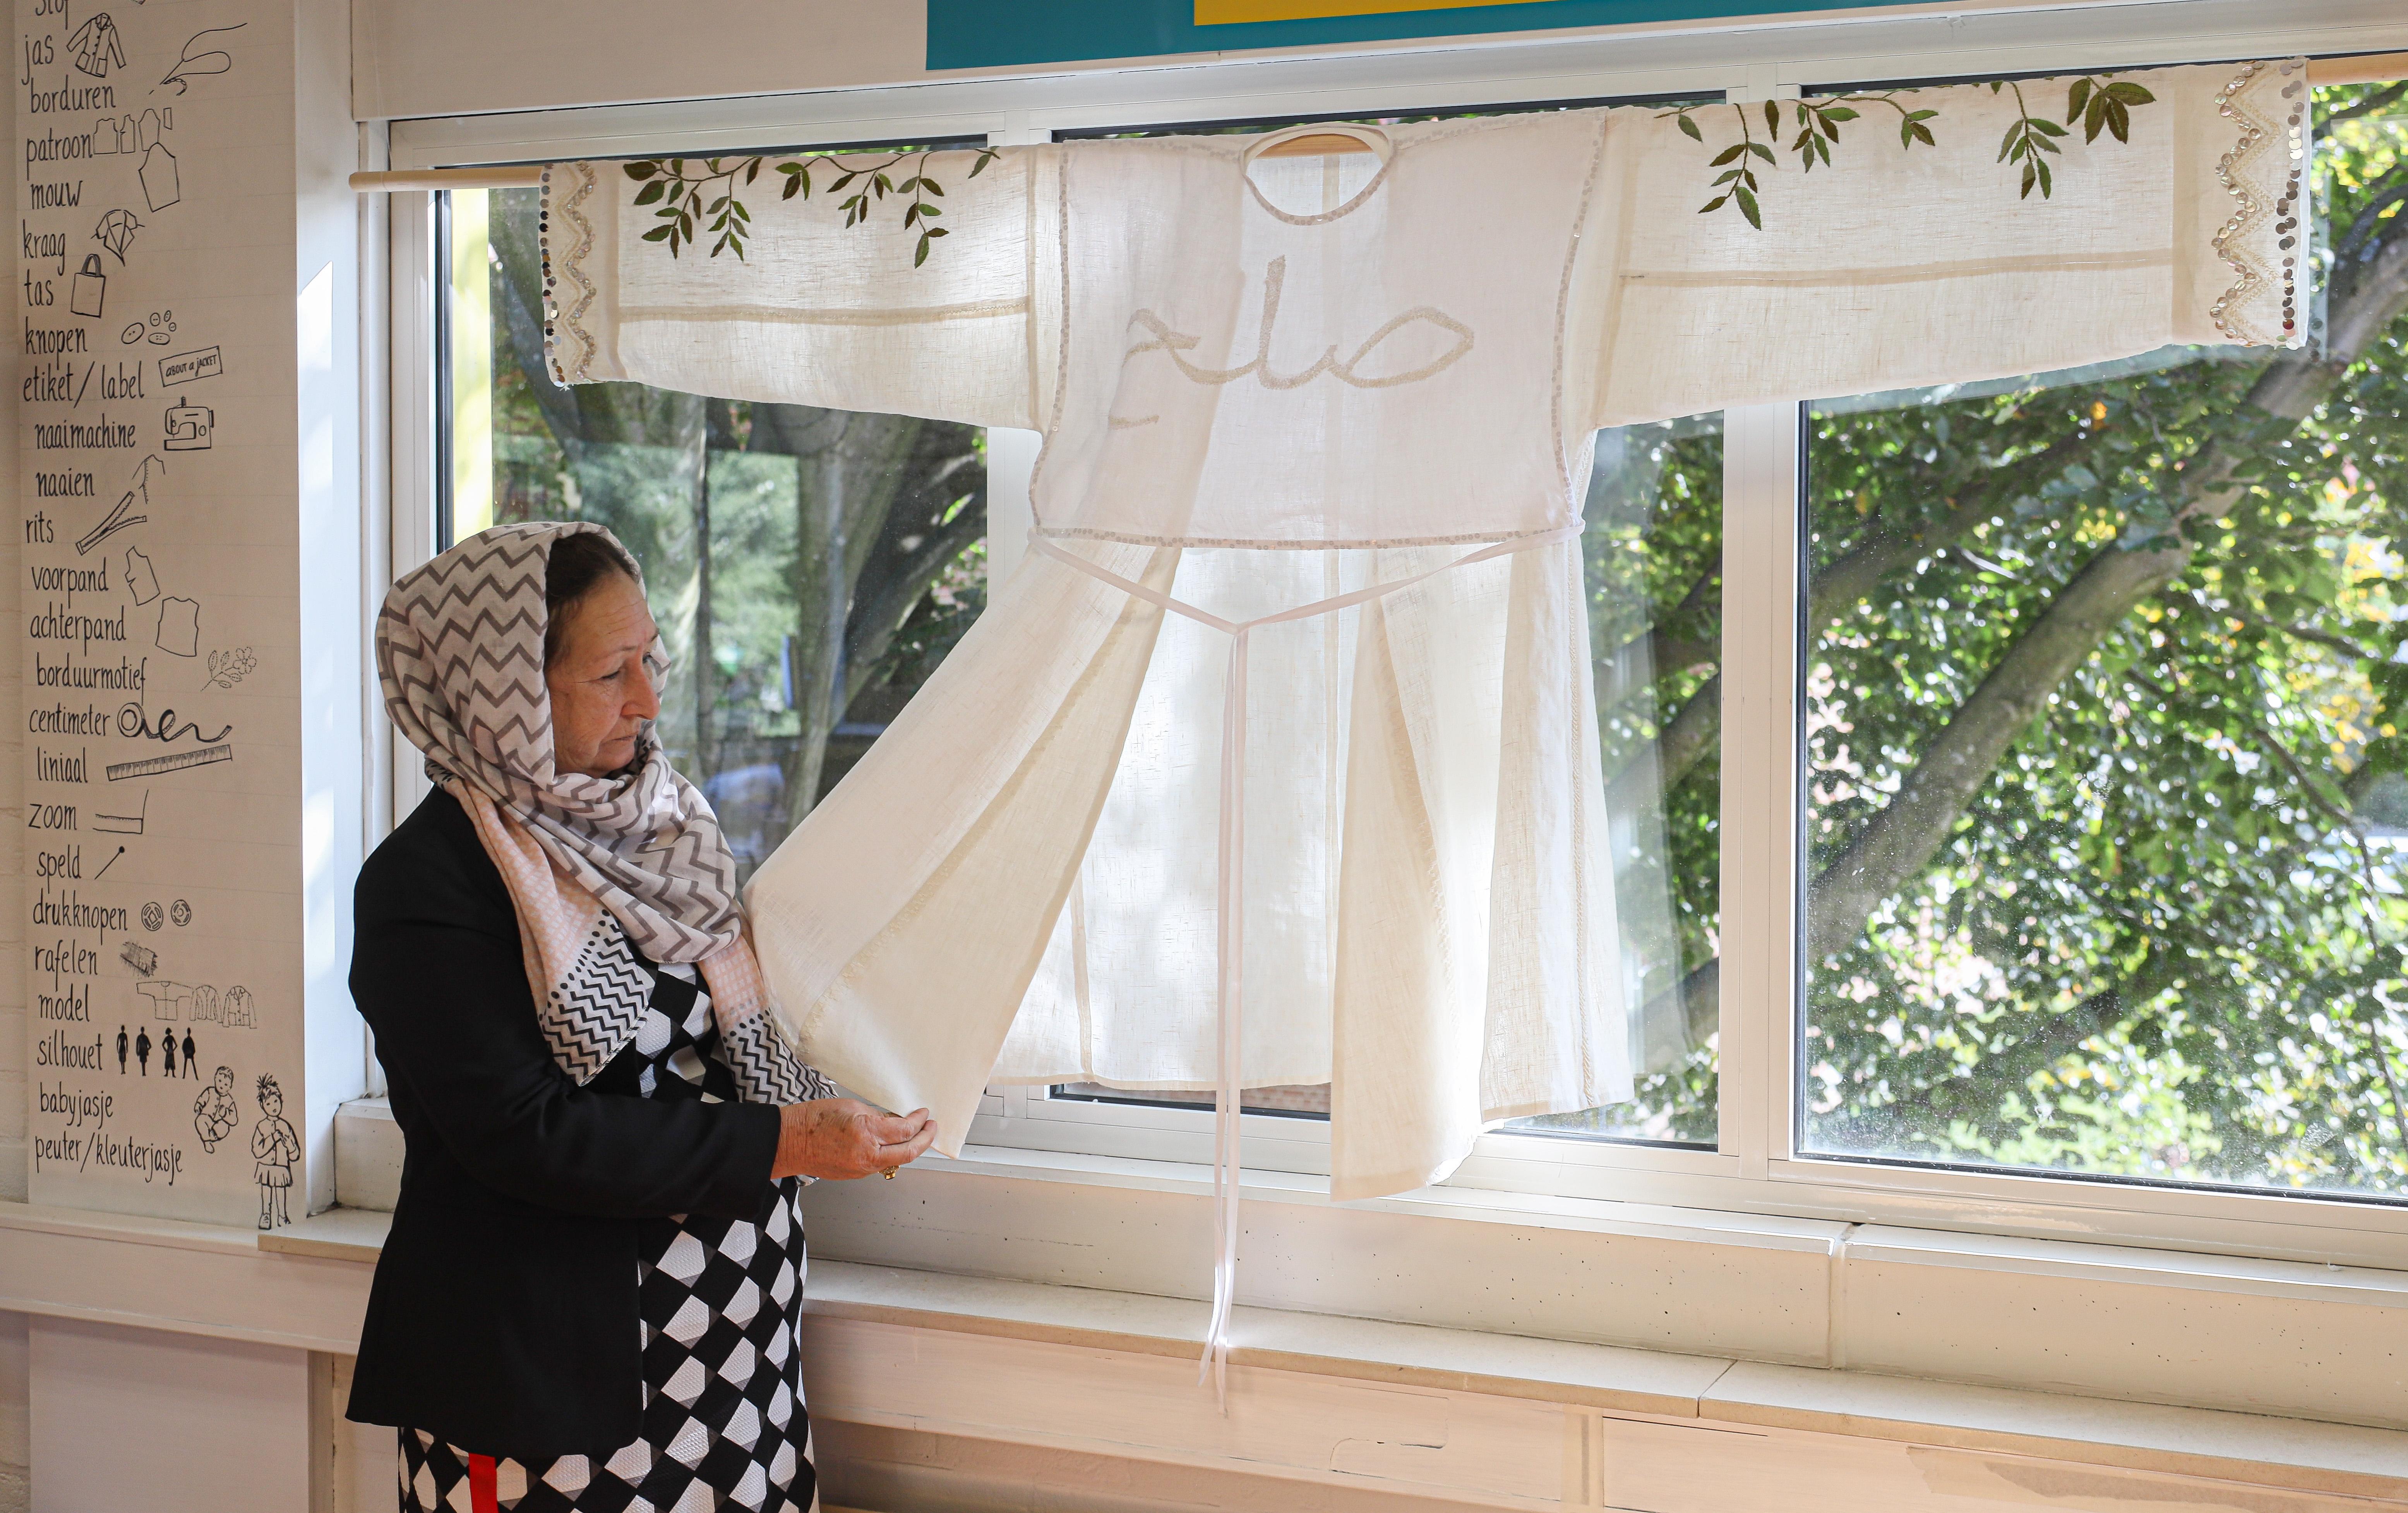 Dankbaar geven Nasima en haar dochter Zakya in Hoorn workshops Afghaans borduren, maar niet lang geleden kreeg Zakya nog zweepslagen omdat ze geen boerka maar een hoofddoek droeg